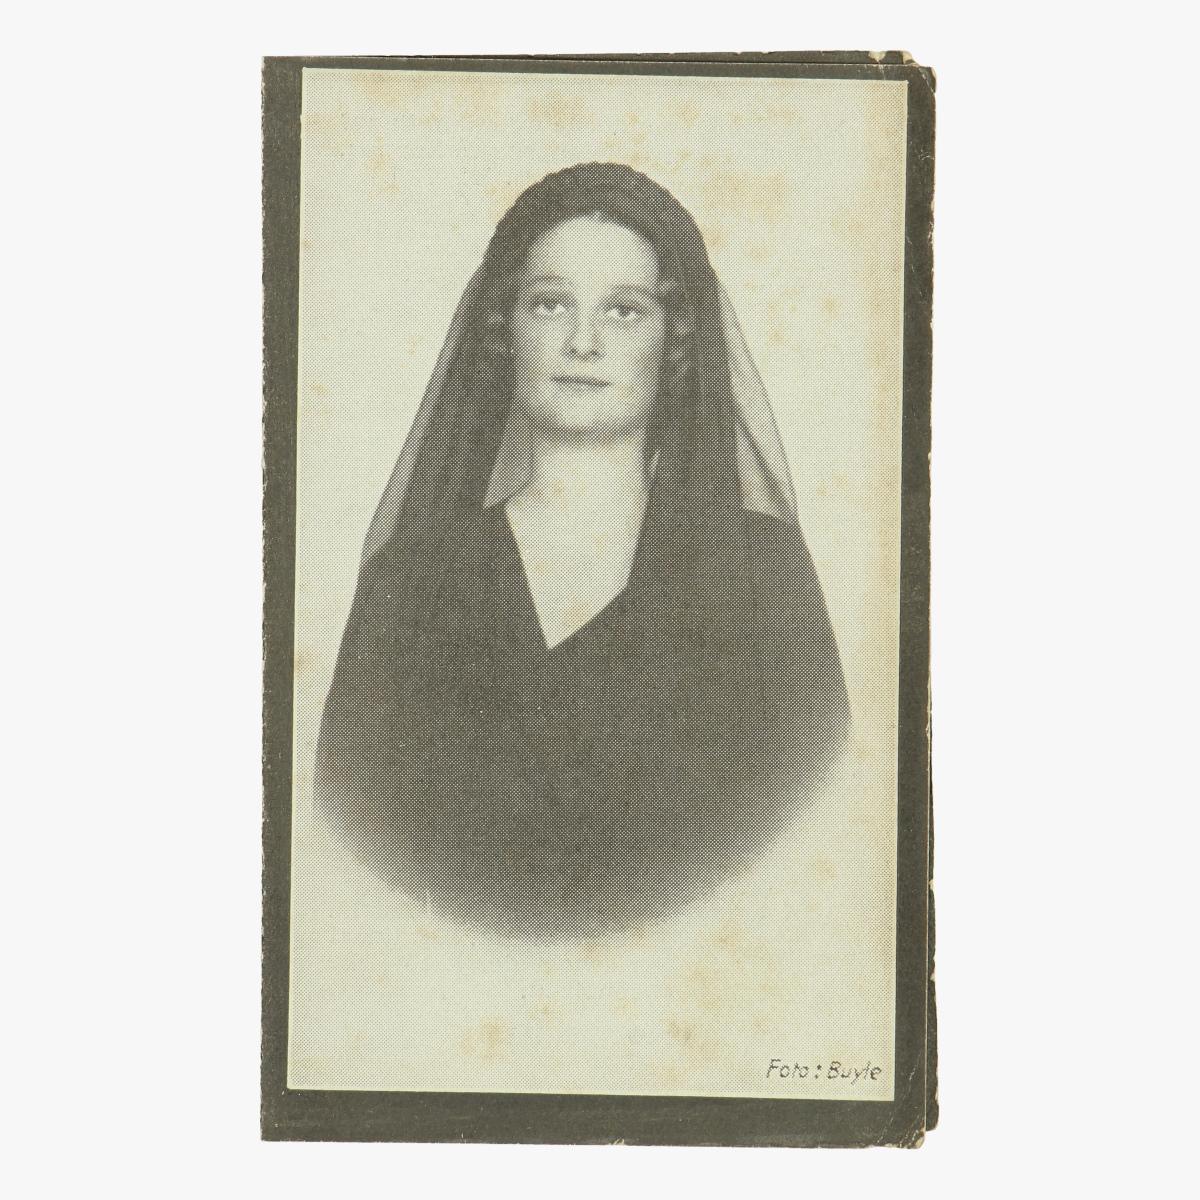 Afbeeldingen van doodsprentje koningin Astrid nederlandstalig